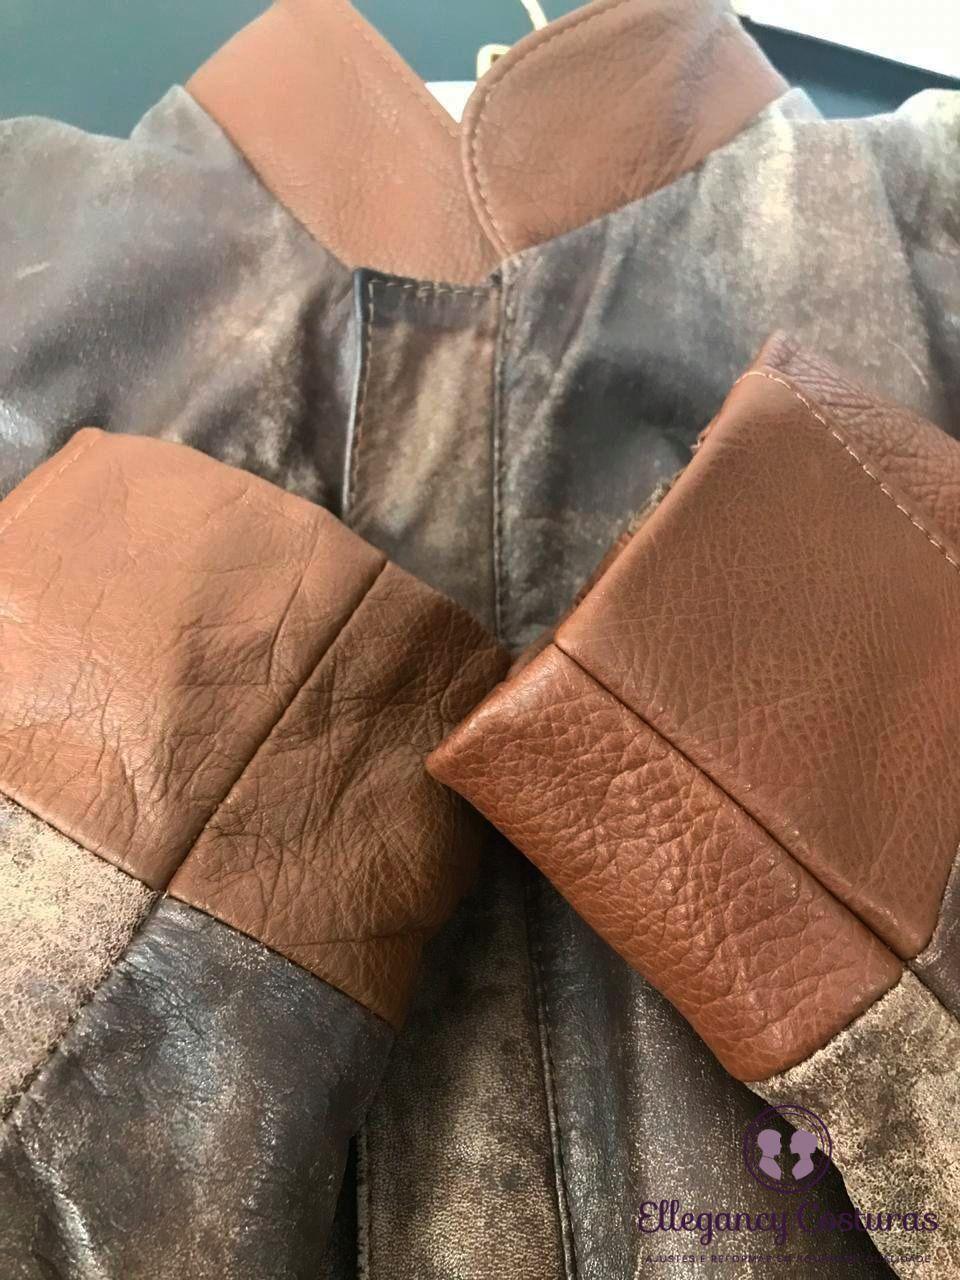 reforma-em-jaqueta-de-couro-mangas-e-gola-depois-8938238